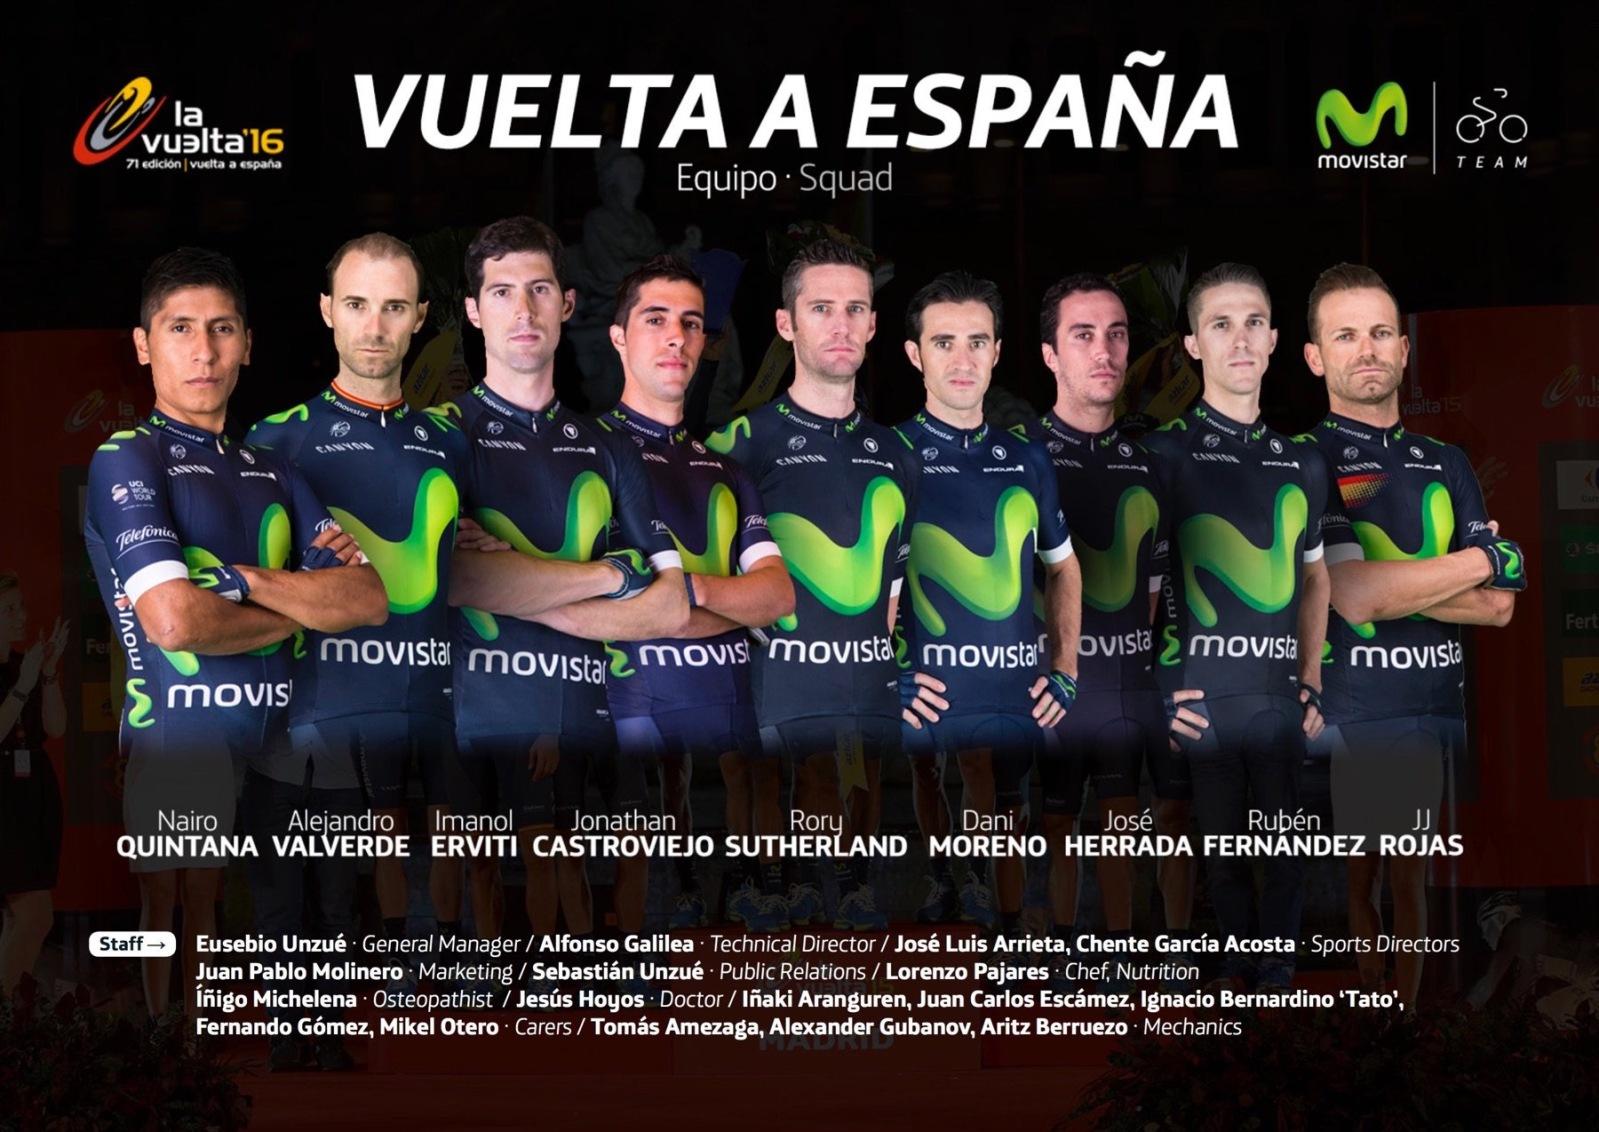 Vuelta a España 2016 E85q4z